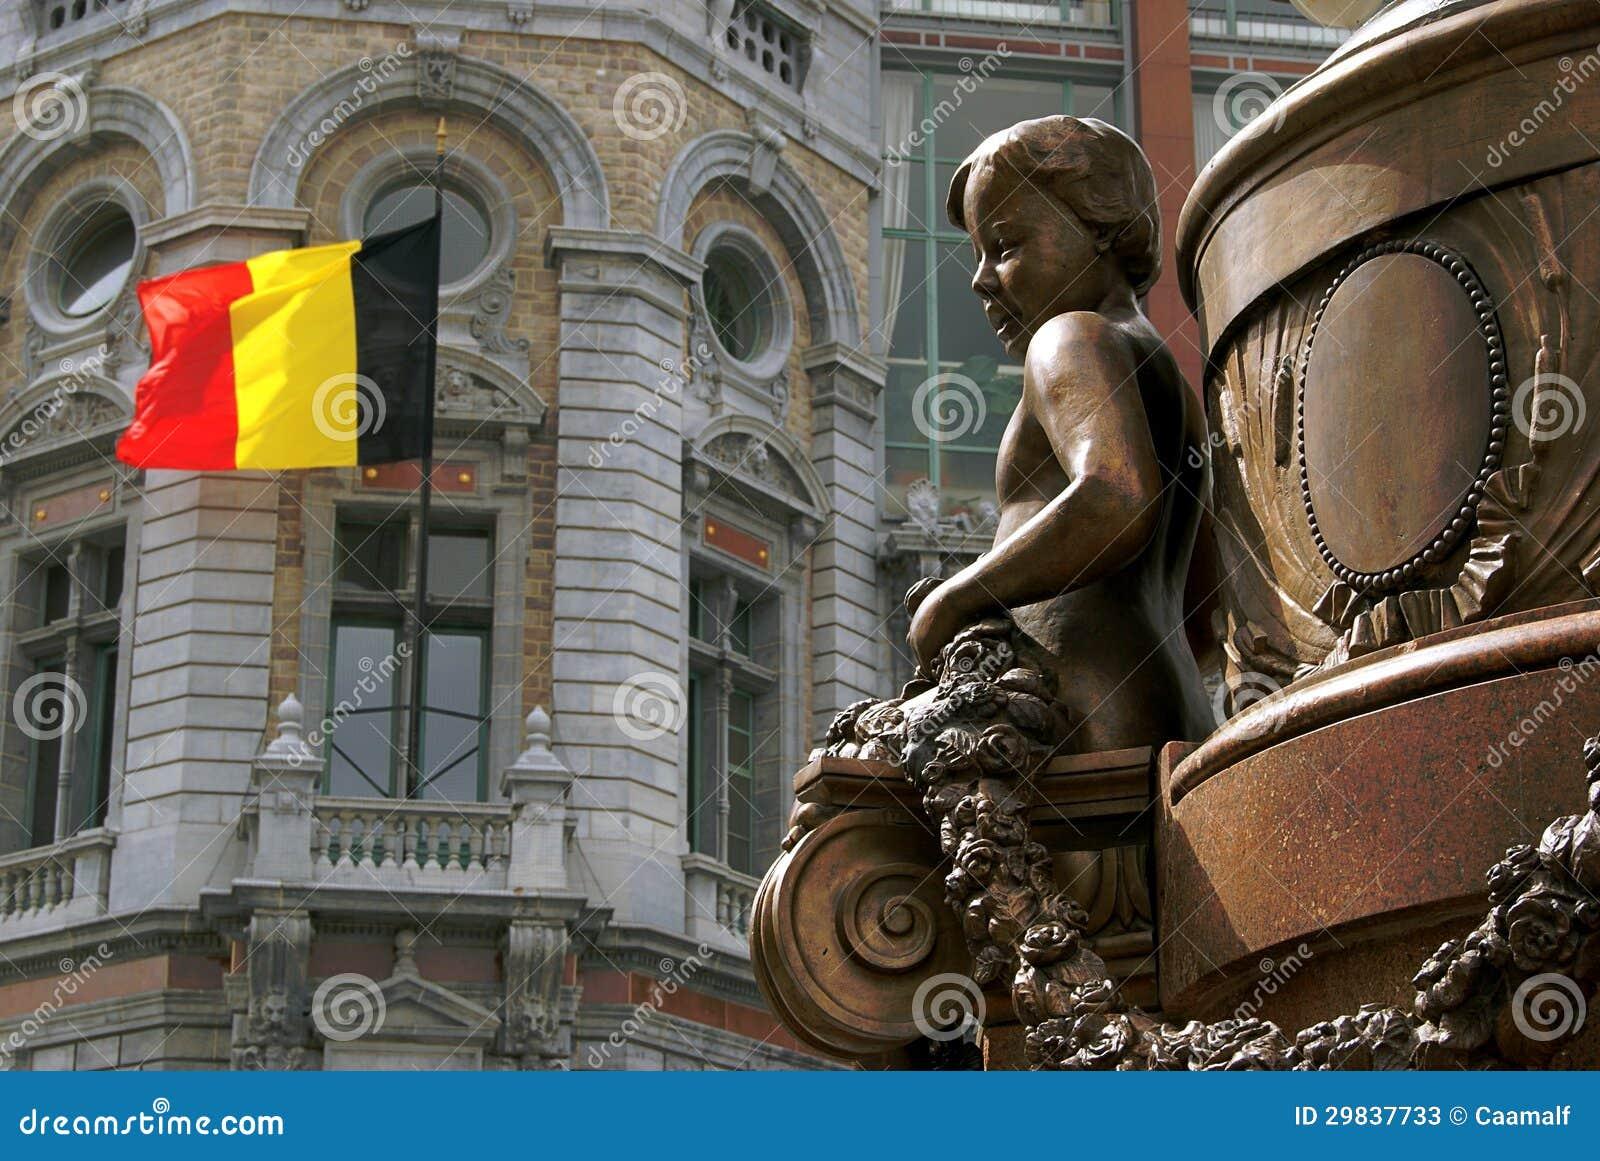 Estátua belga de um menino em Antuérpia